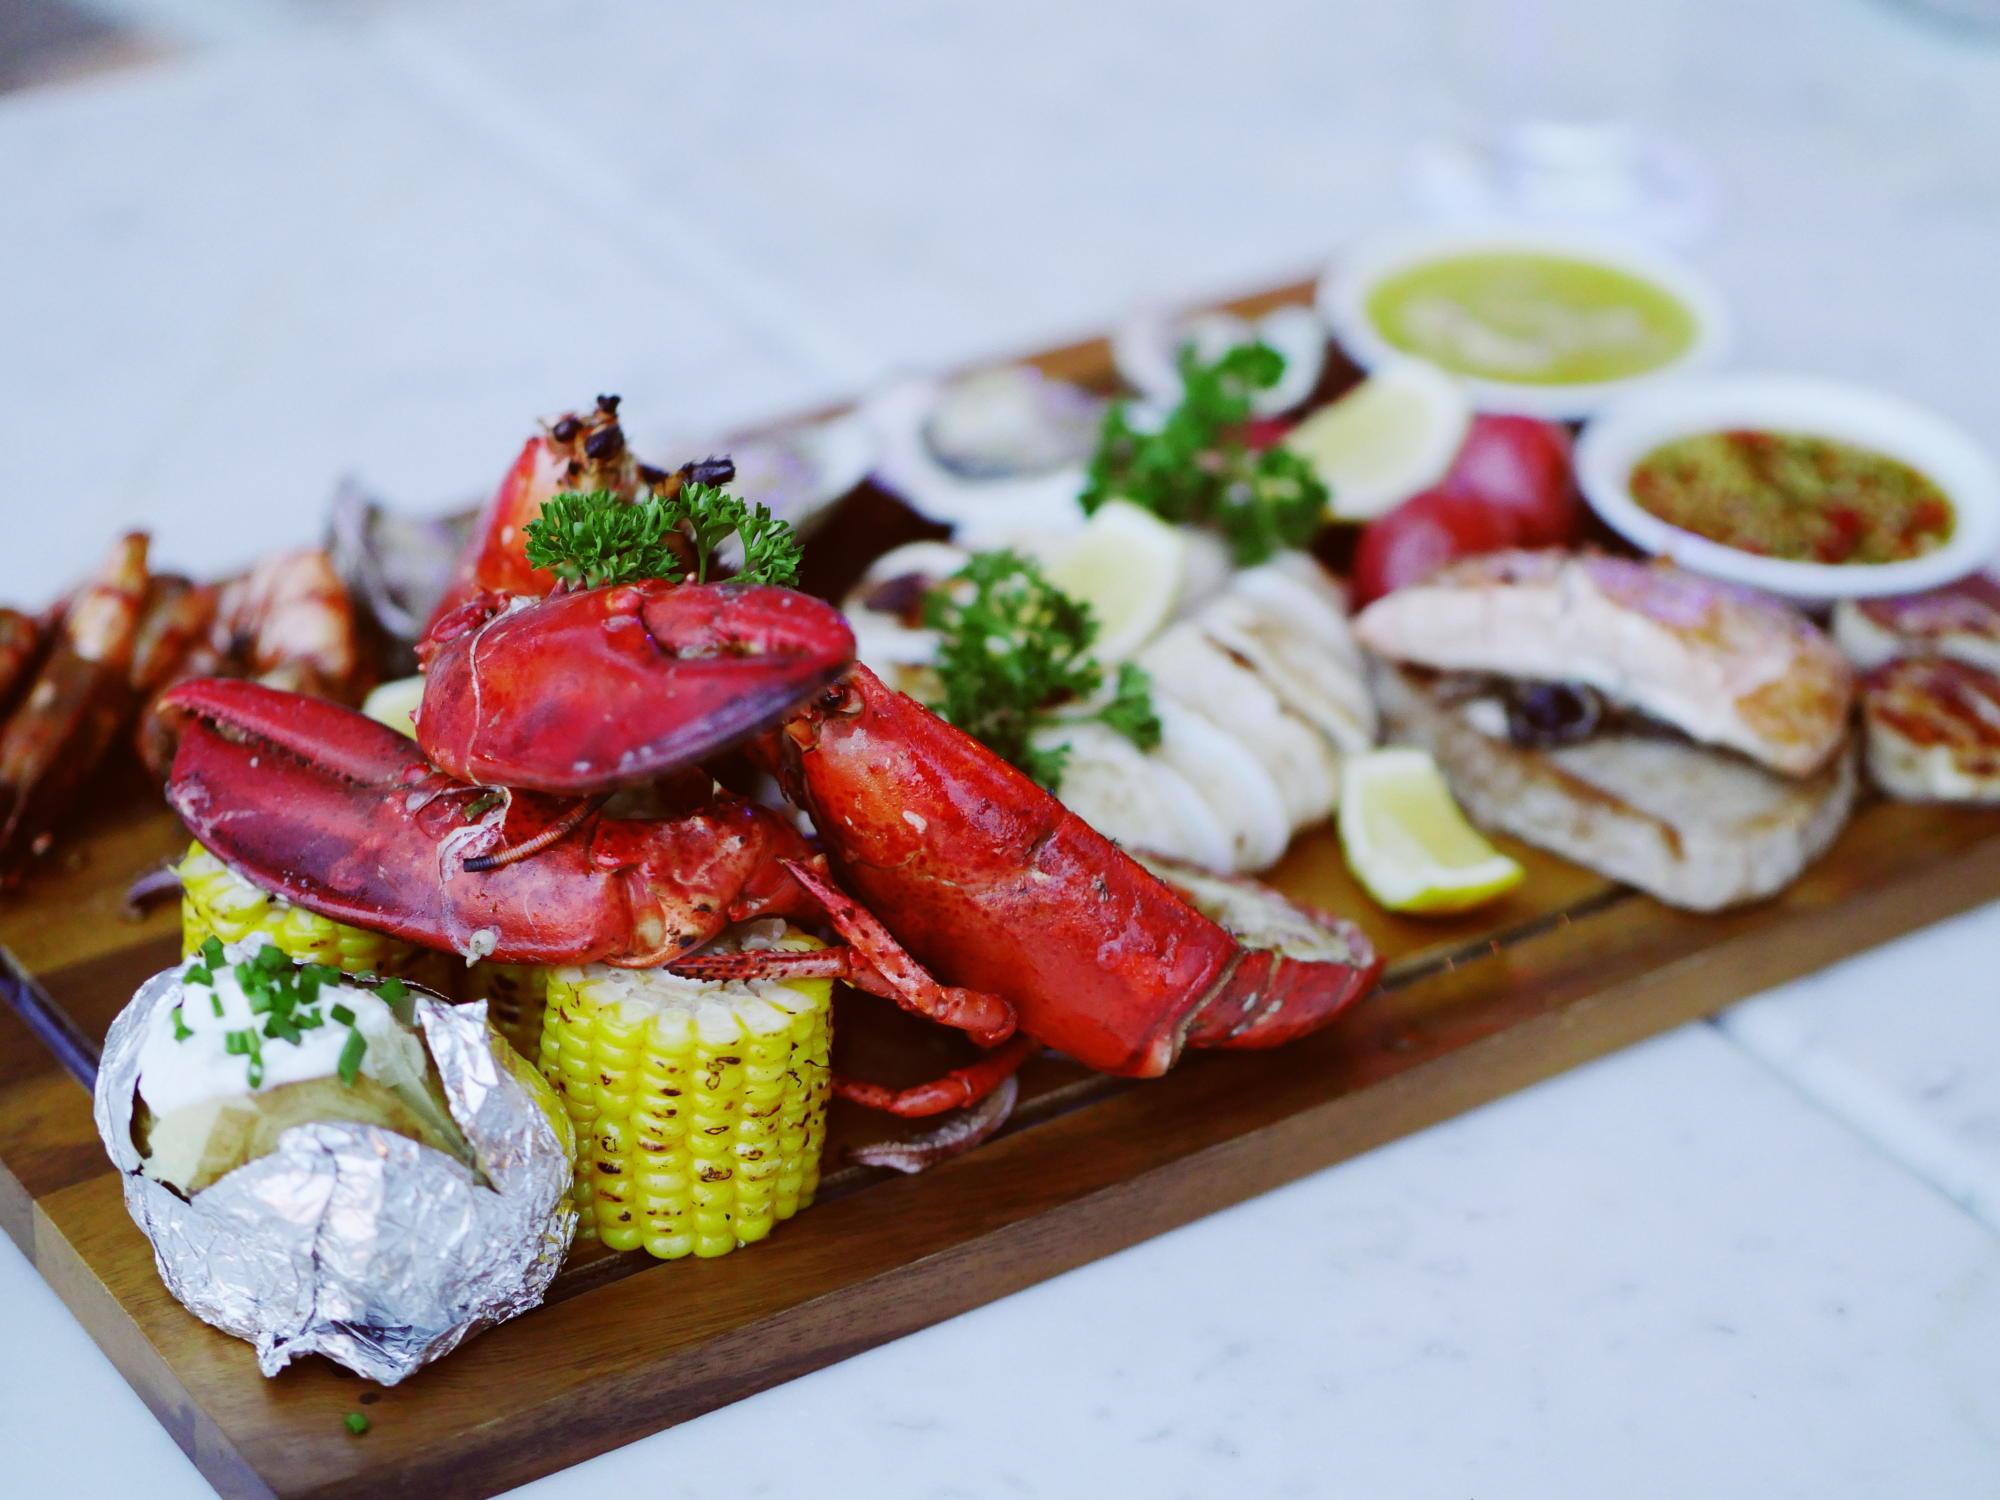 nz-food-platter